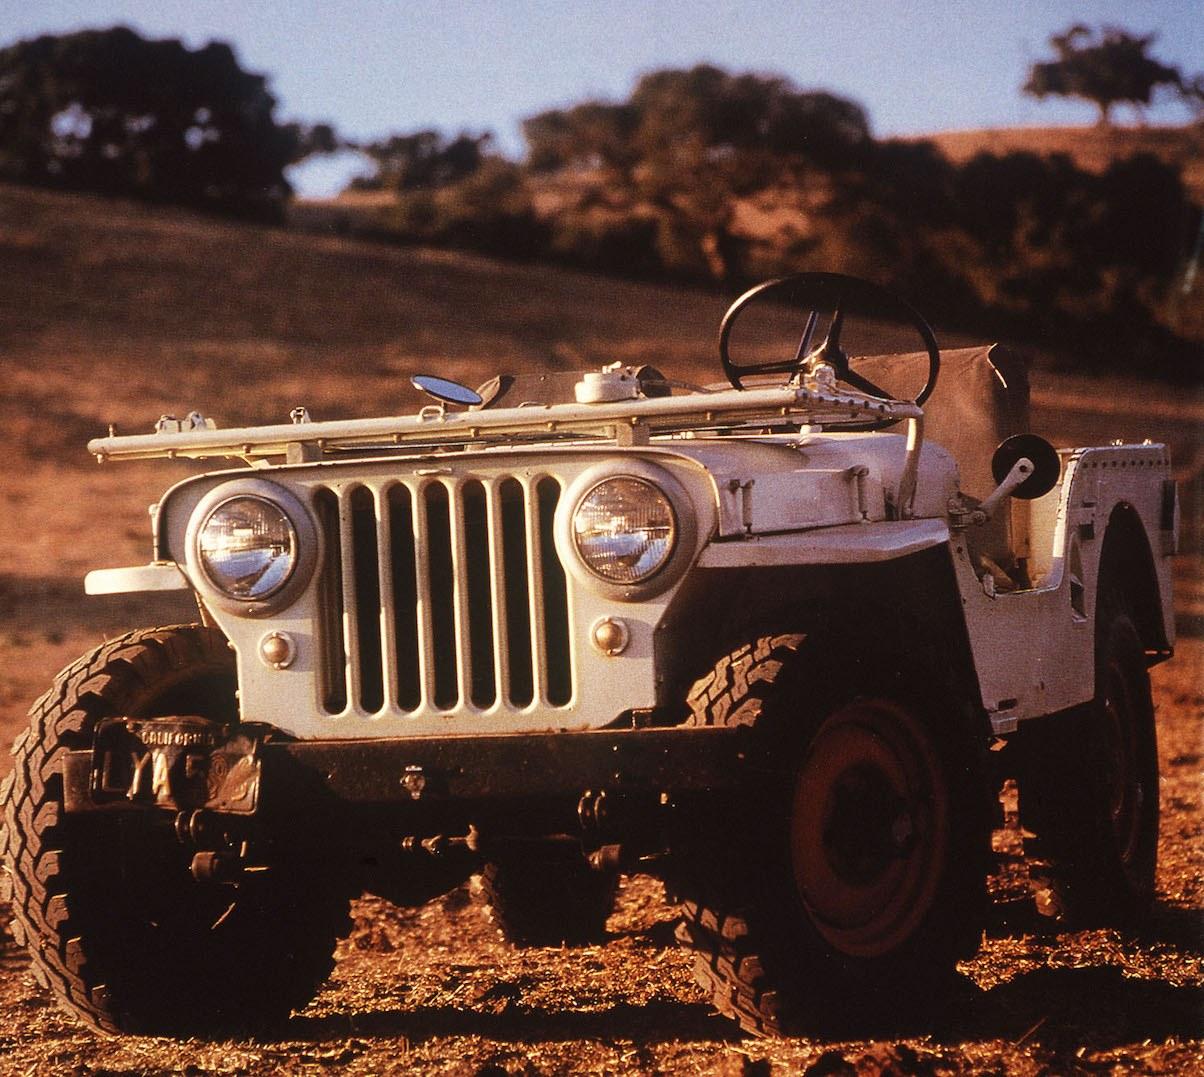 1946 Willys CJ-2A | Fiat Chrysler Automobiles